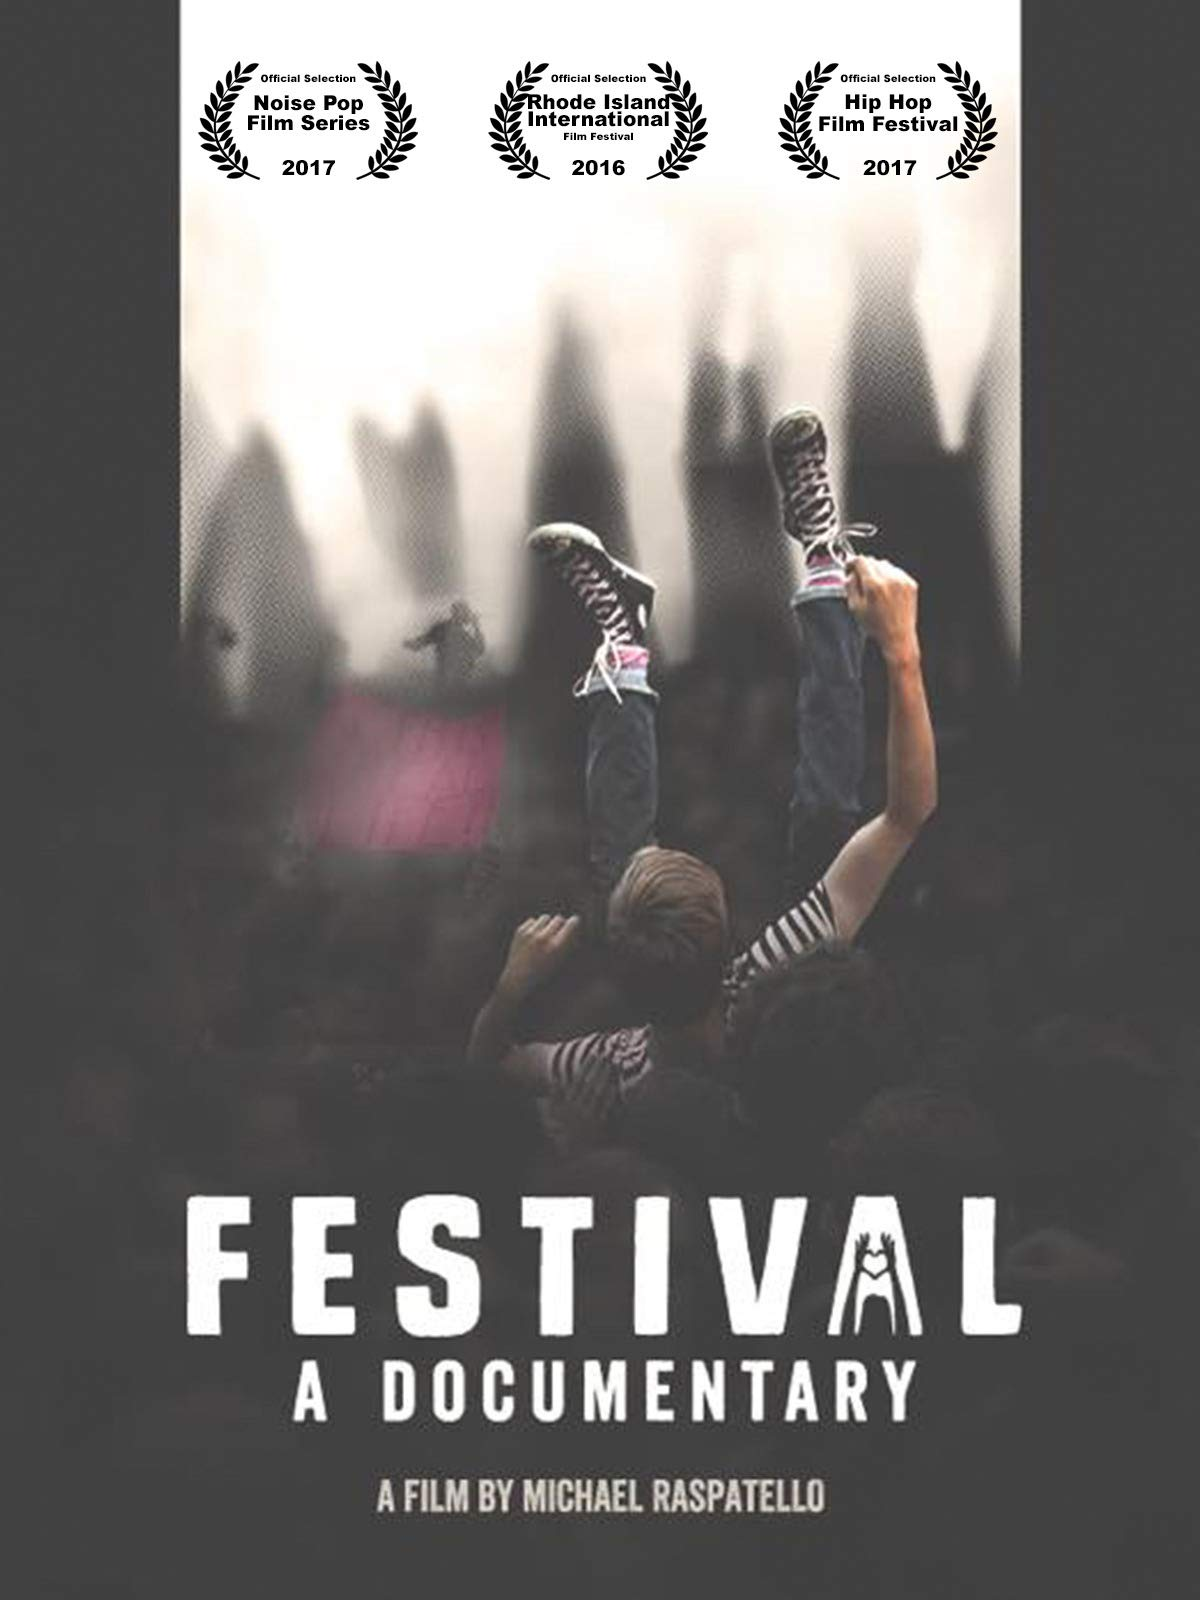 Festival: A Documentary